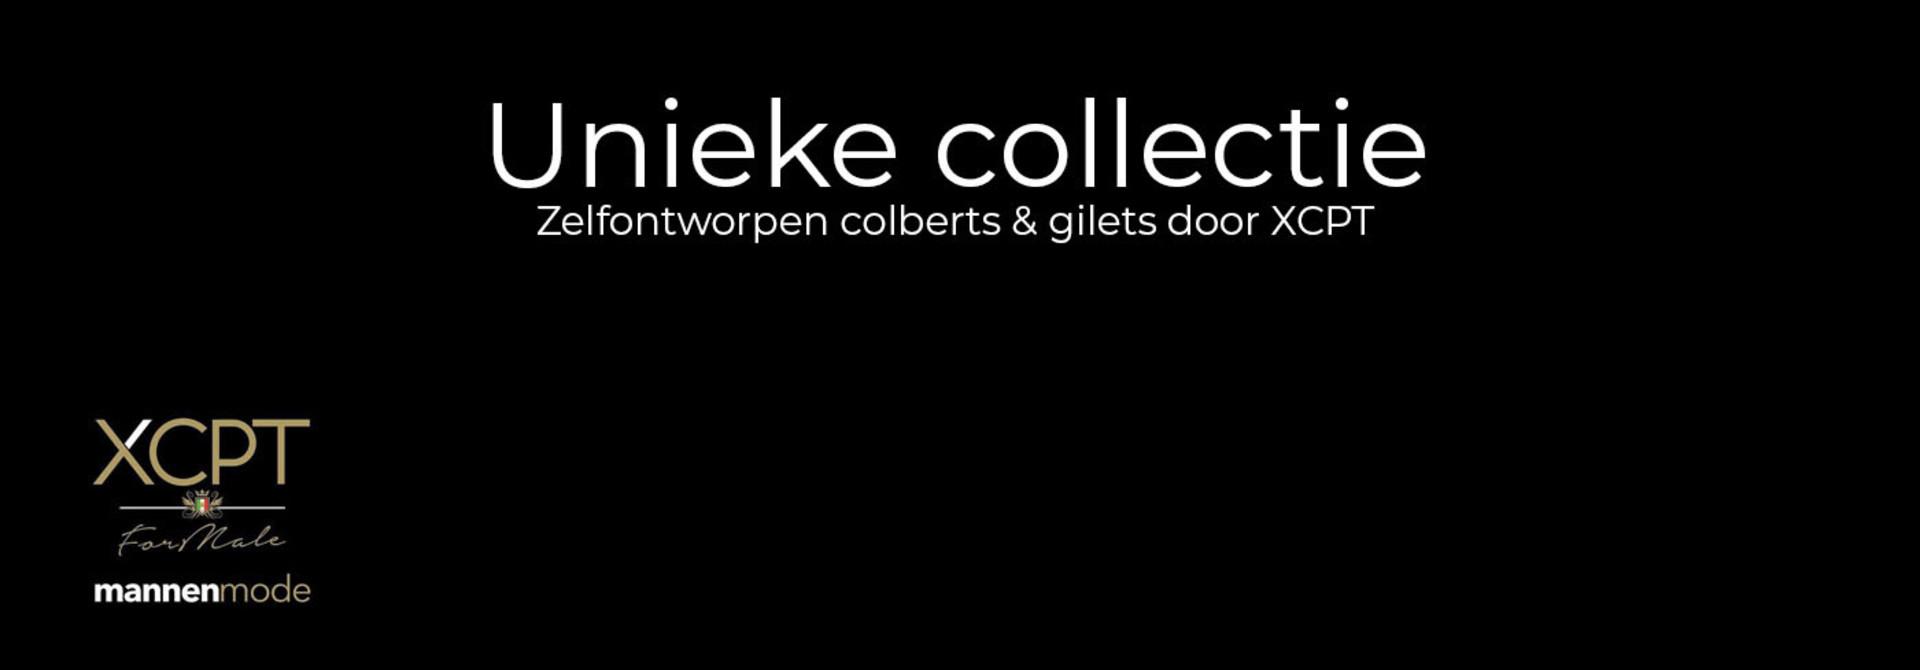 Unieke collectie: zelfontworpen colberts en gilets door XCPT!